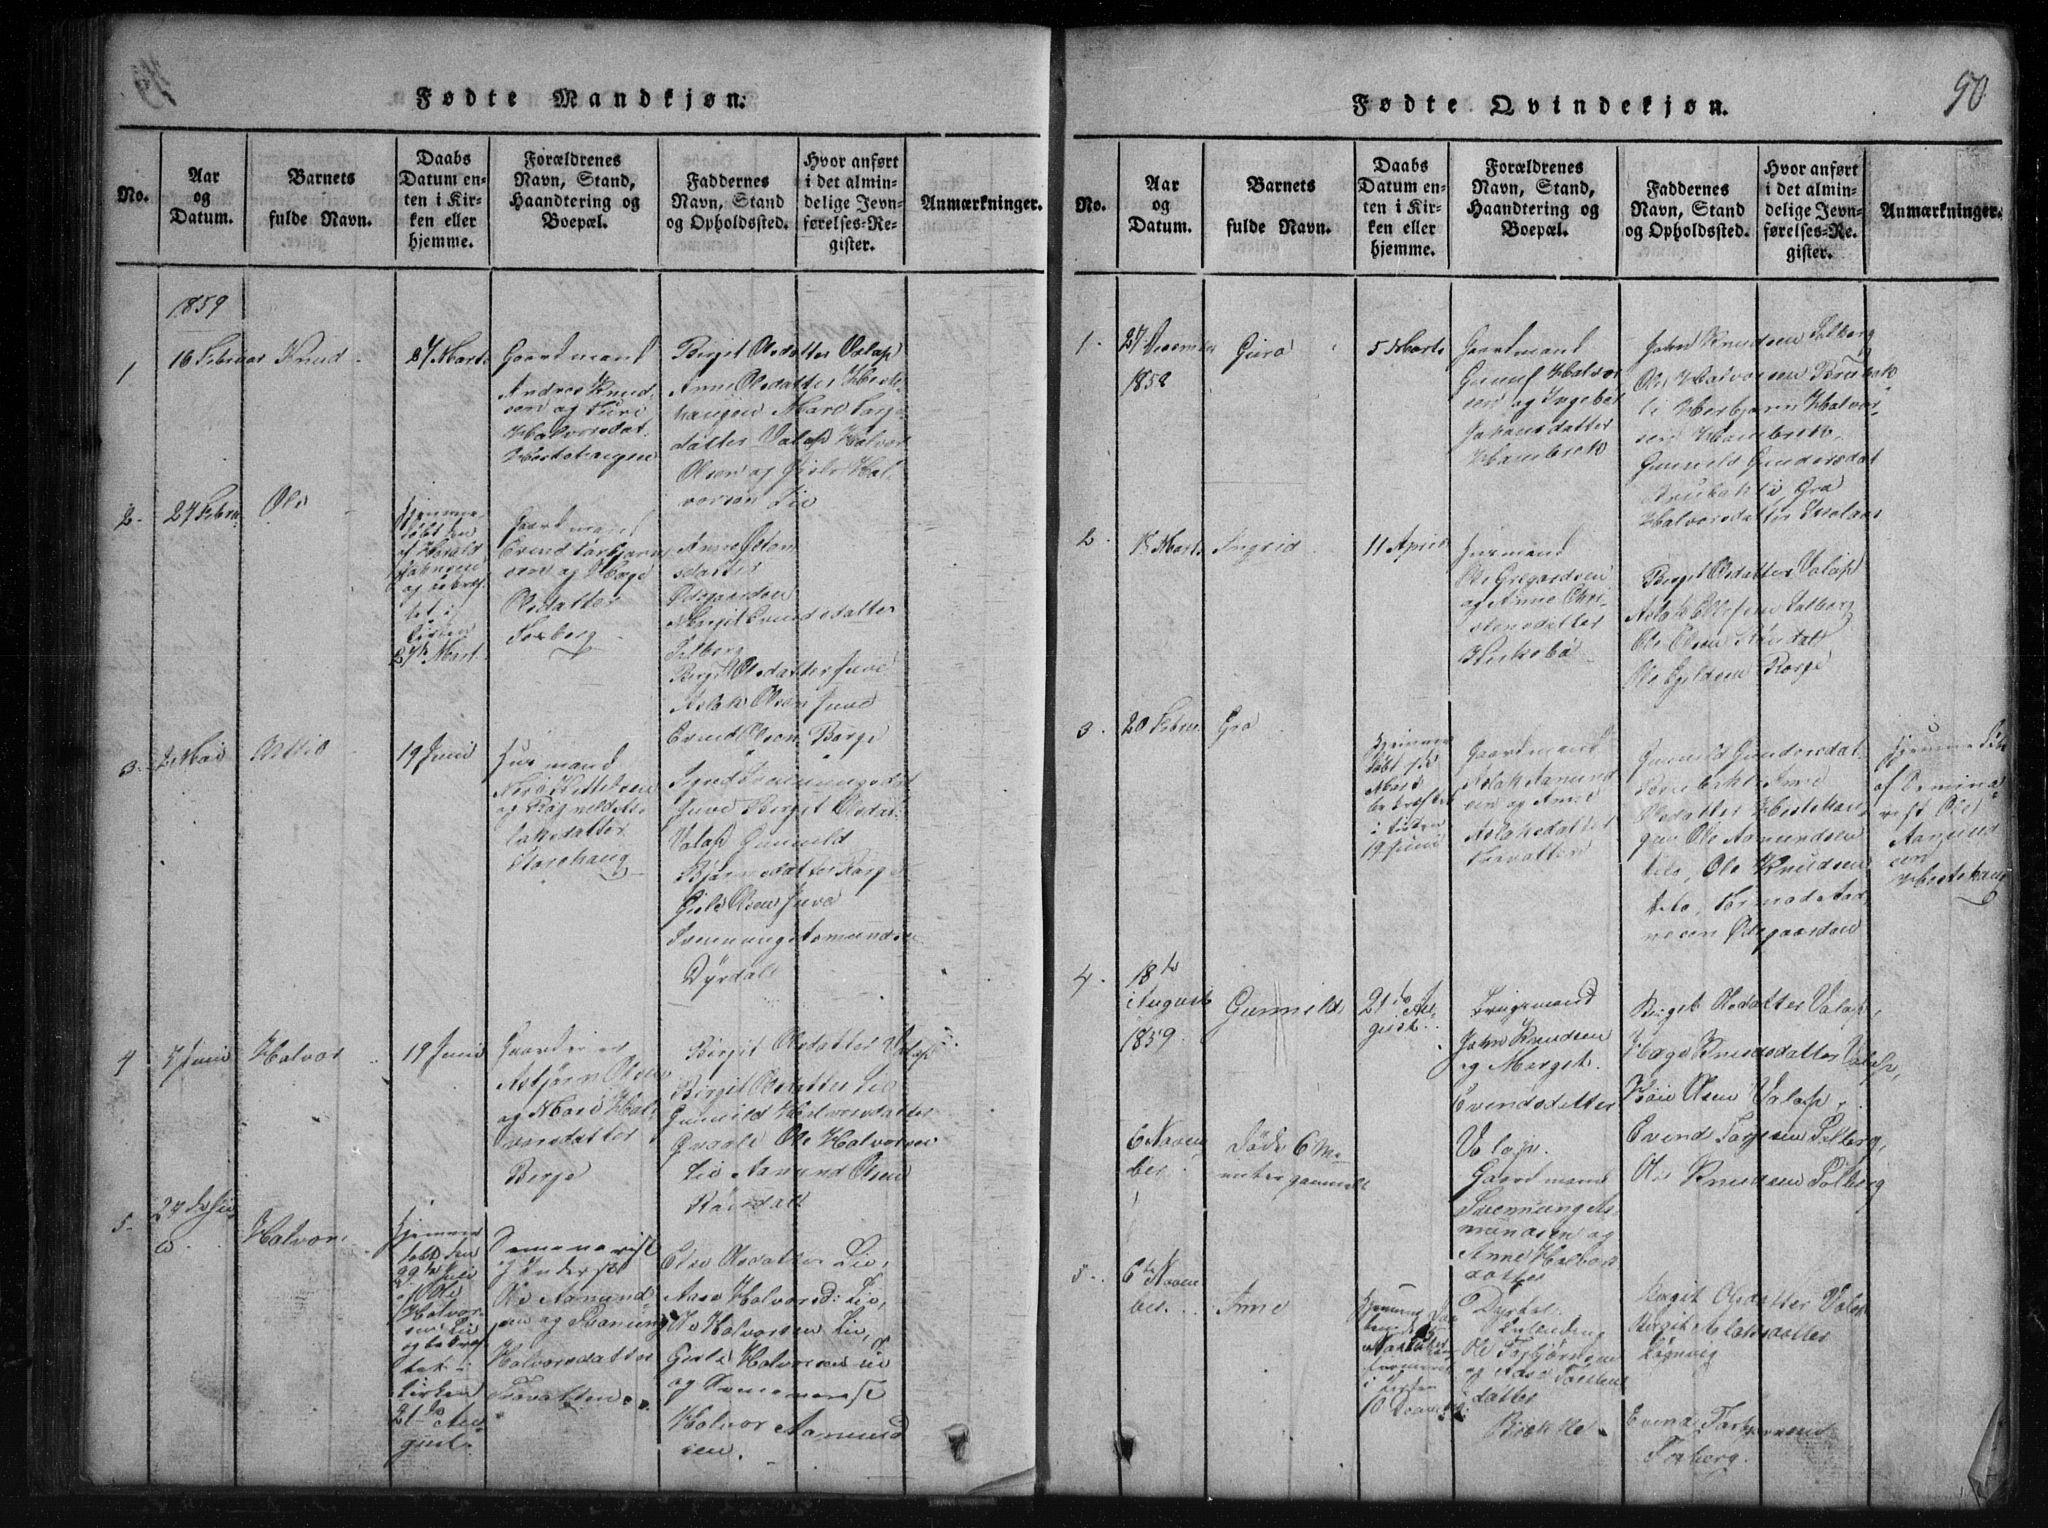 SAKO, Rauland kirkebøker, G/Gb/L0001: Klokkerbok nr. II 1, 1815-1886, s. 50